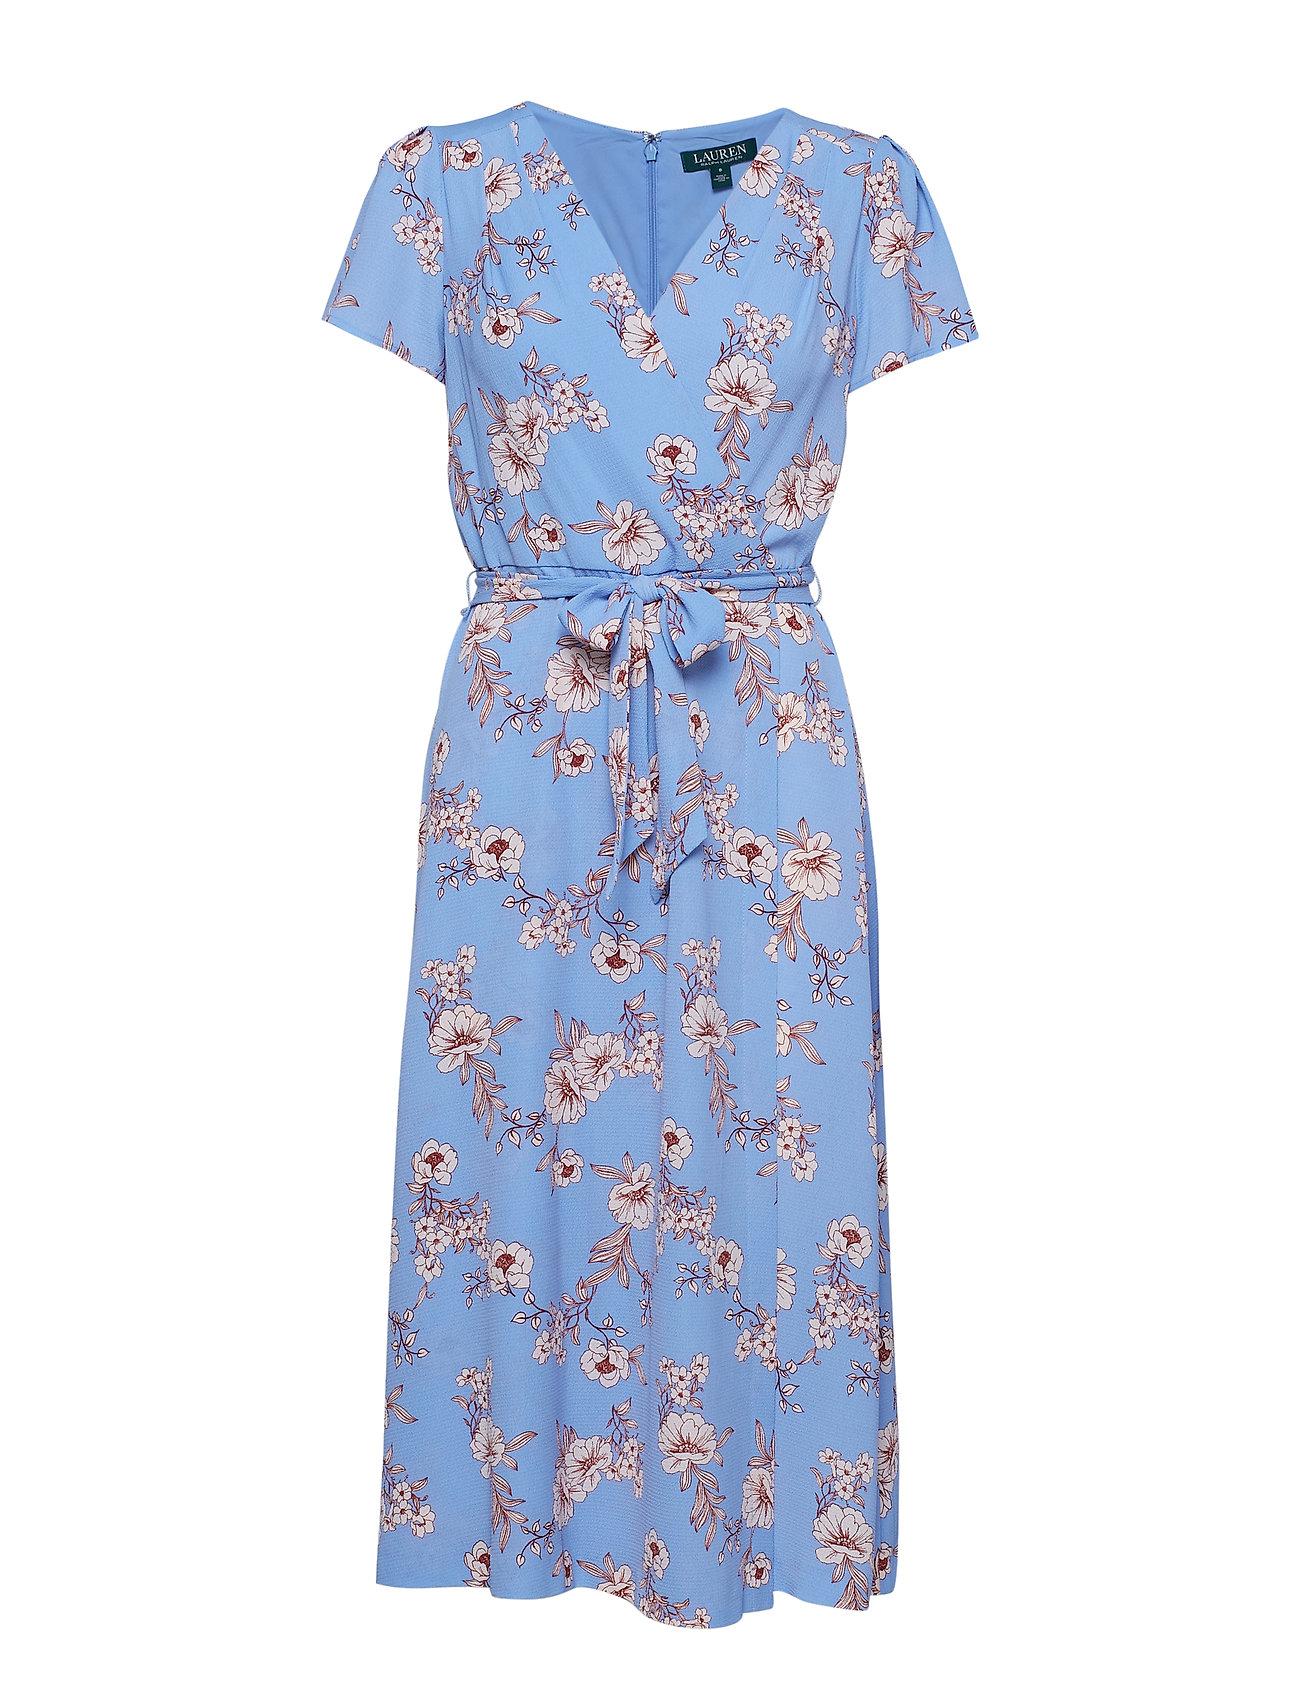 Lauren Ralph Lauren Floral Crepe Dress